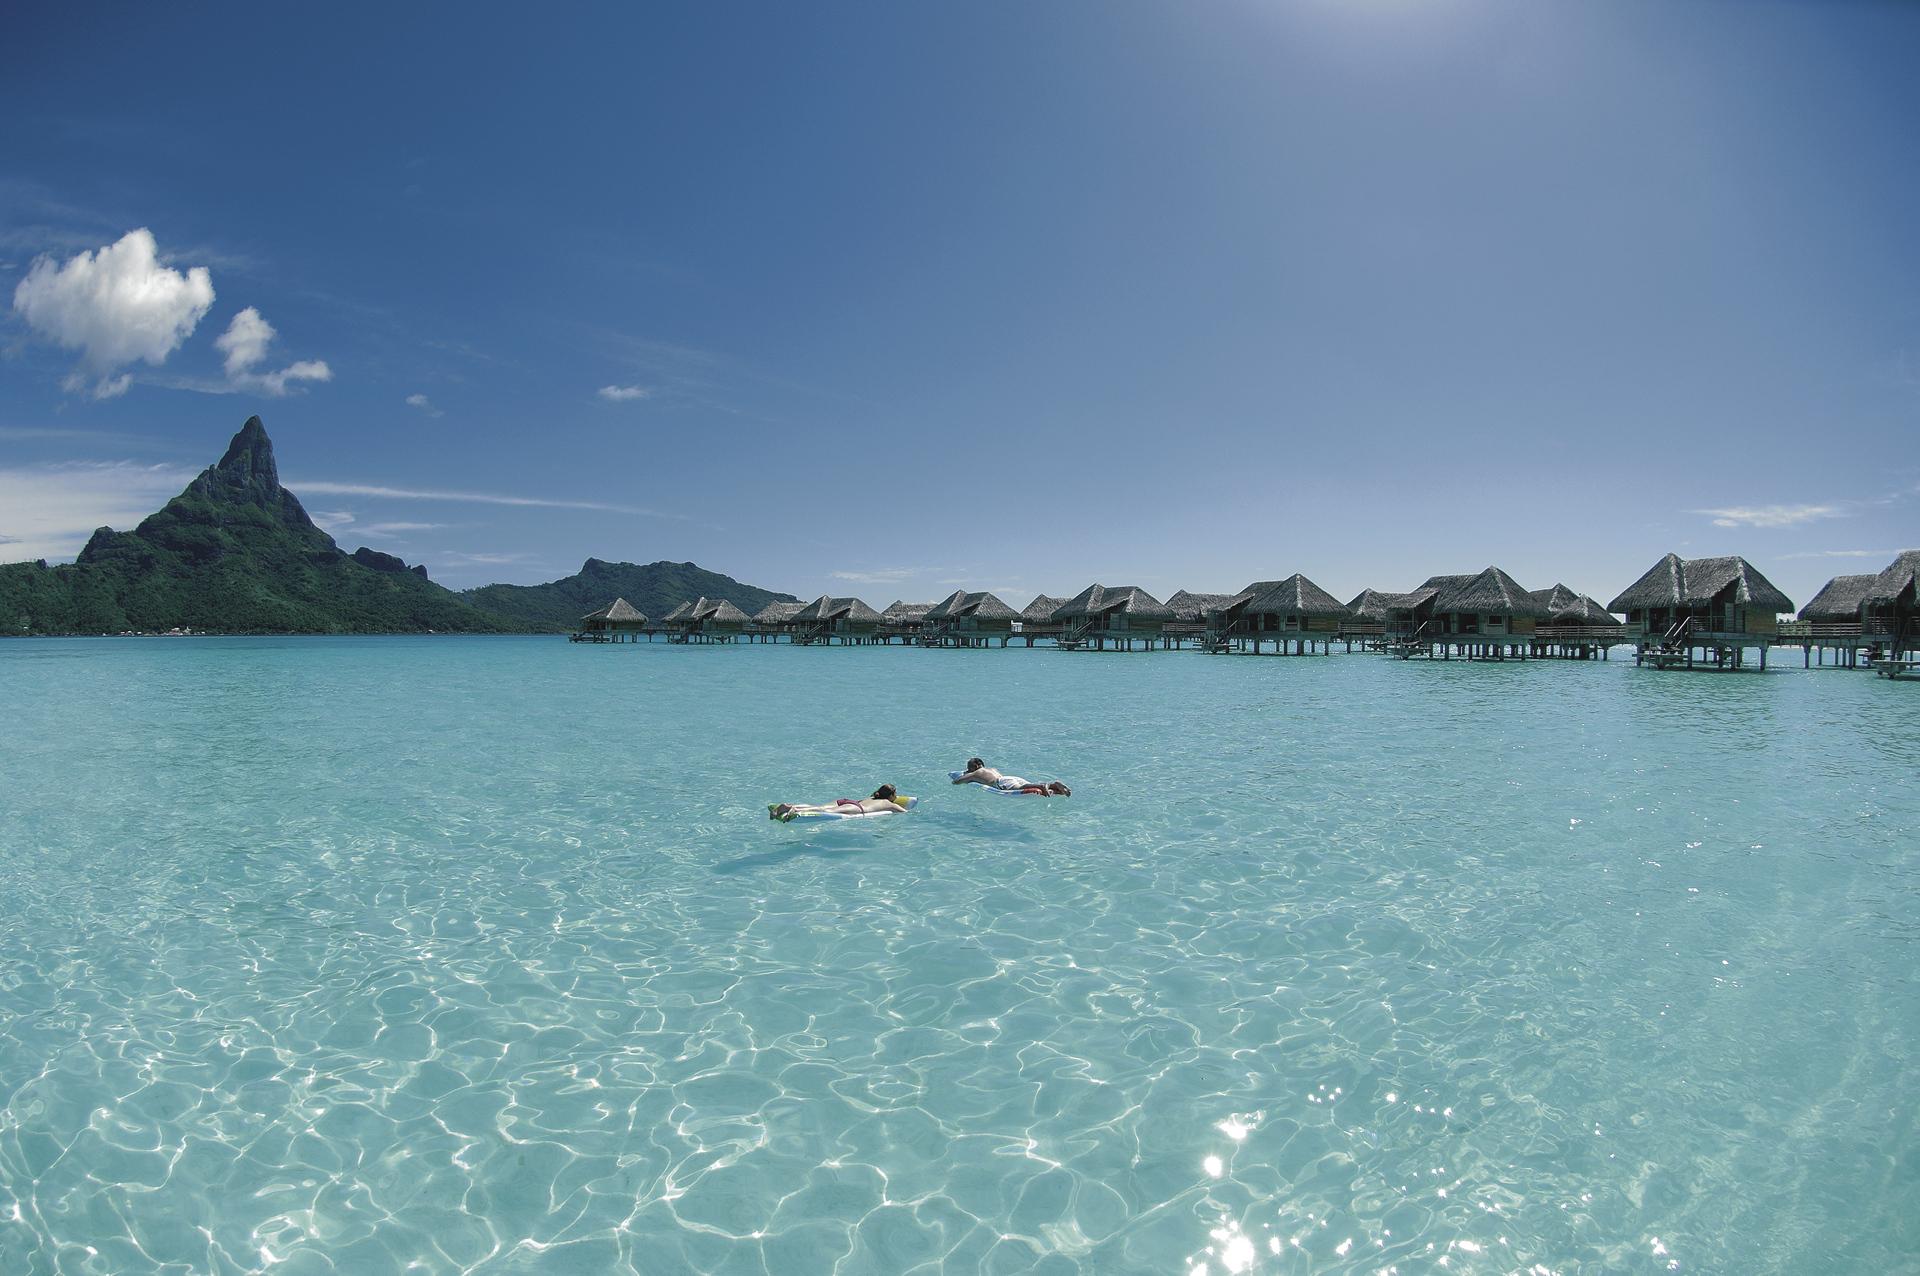 Lagune auf Bora Bora © T. McKenna